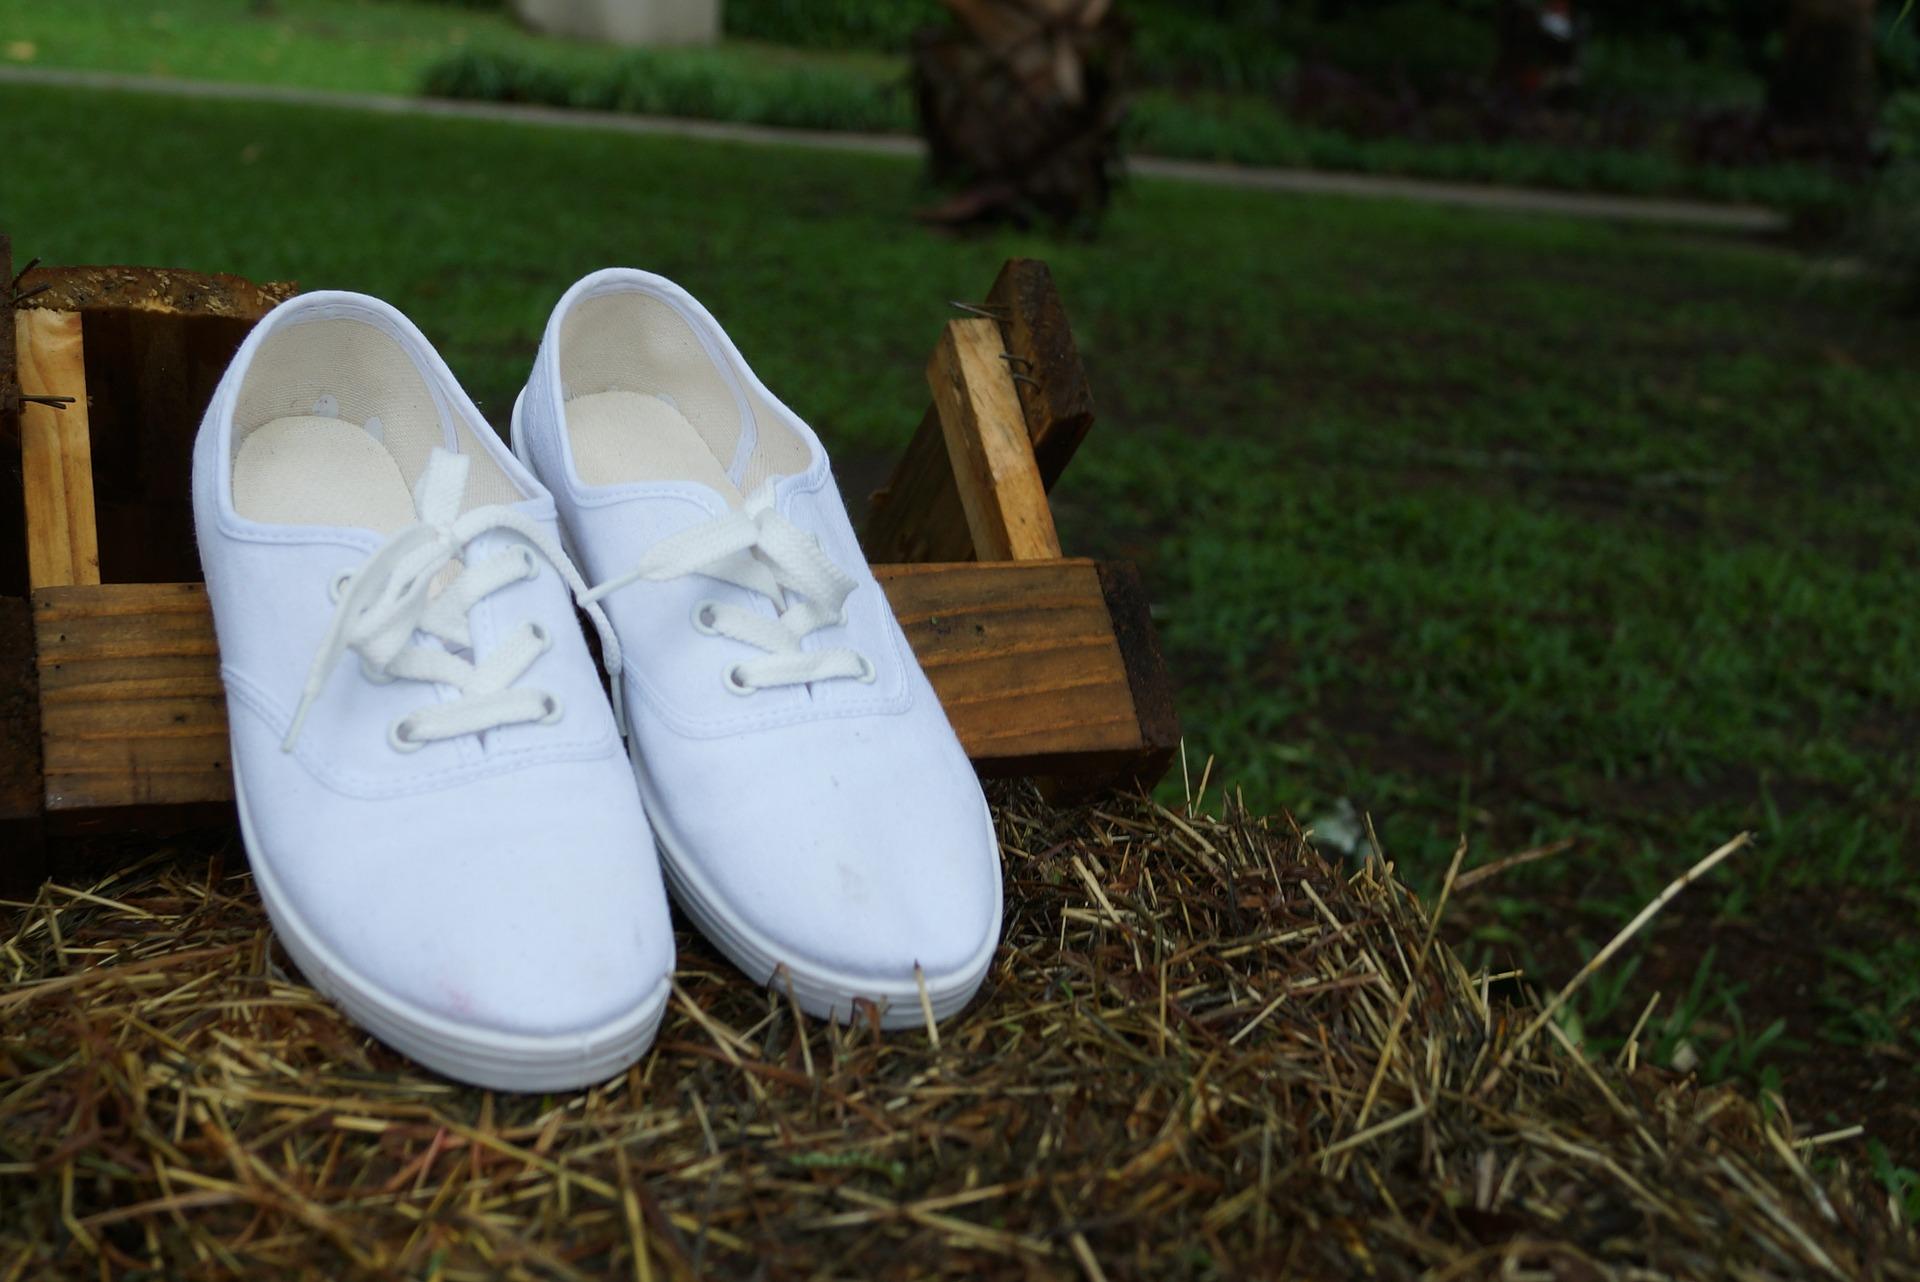 Las nuevas tendencias y el calzado sostenible - Trocadero Shoes